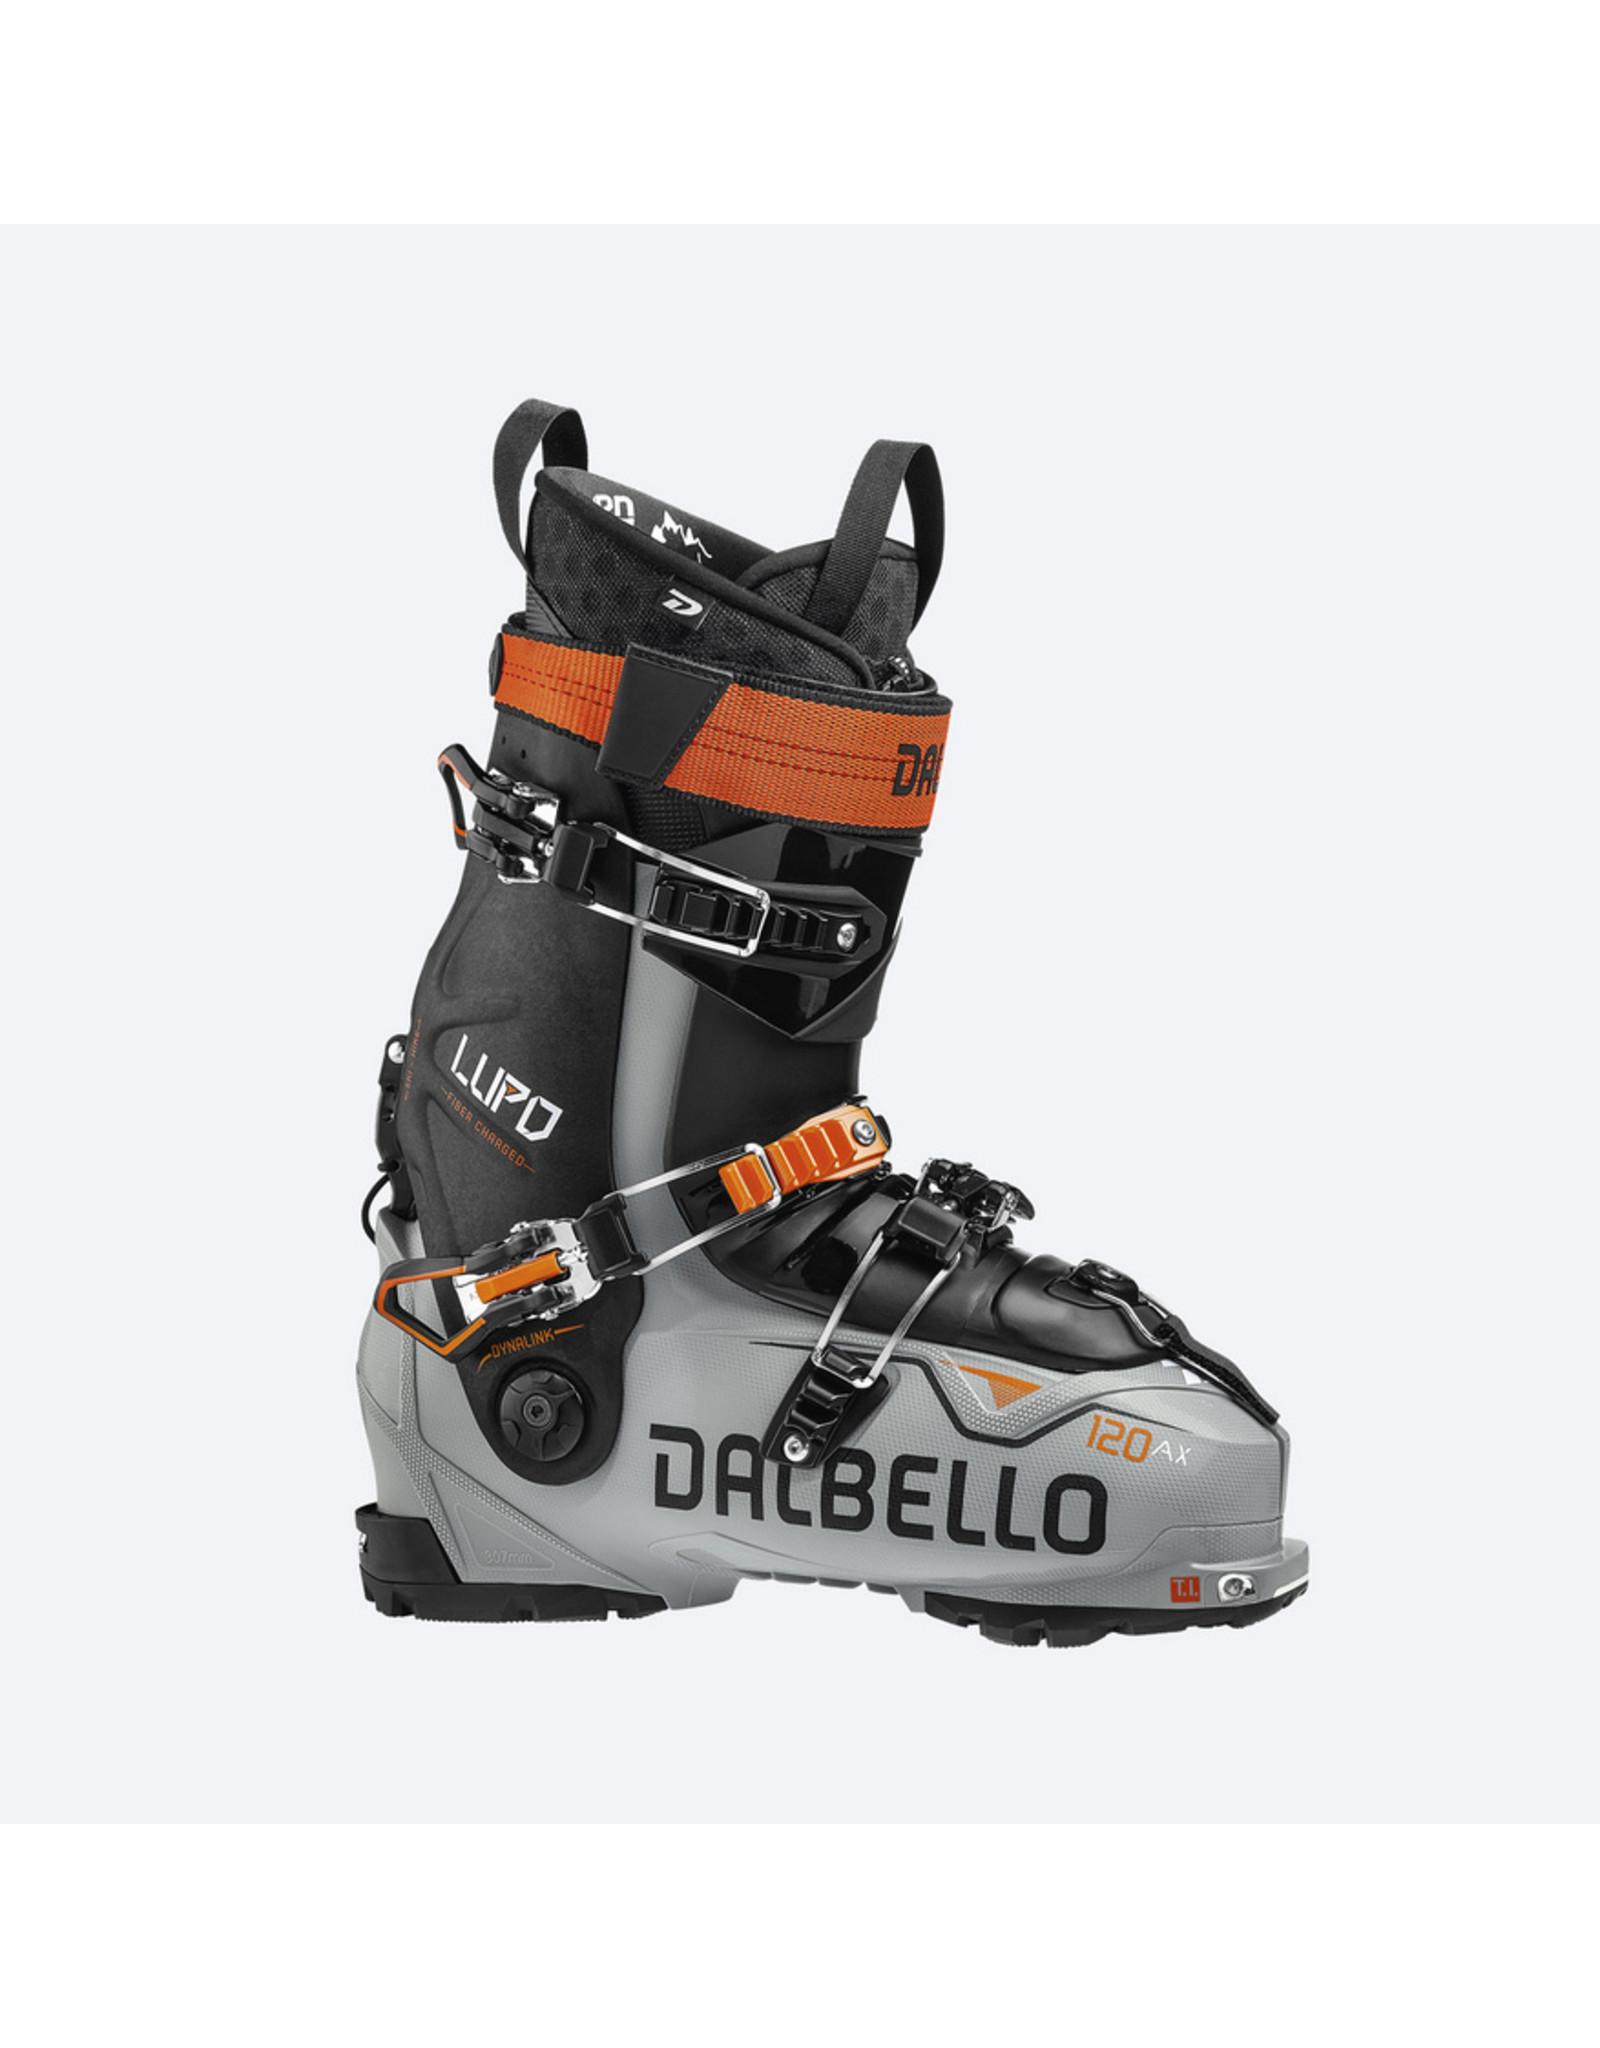 Dalbello LUPO AX 120 UNI GREY/BLACK 2022